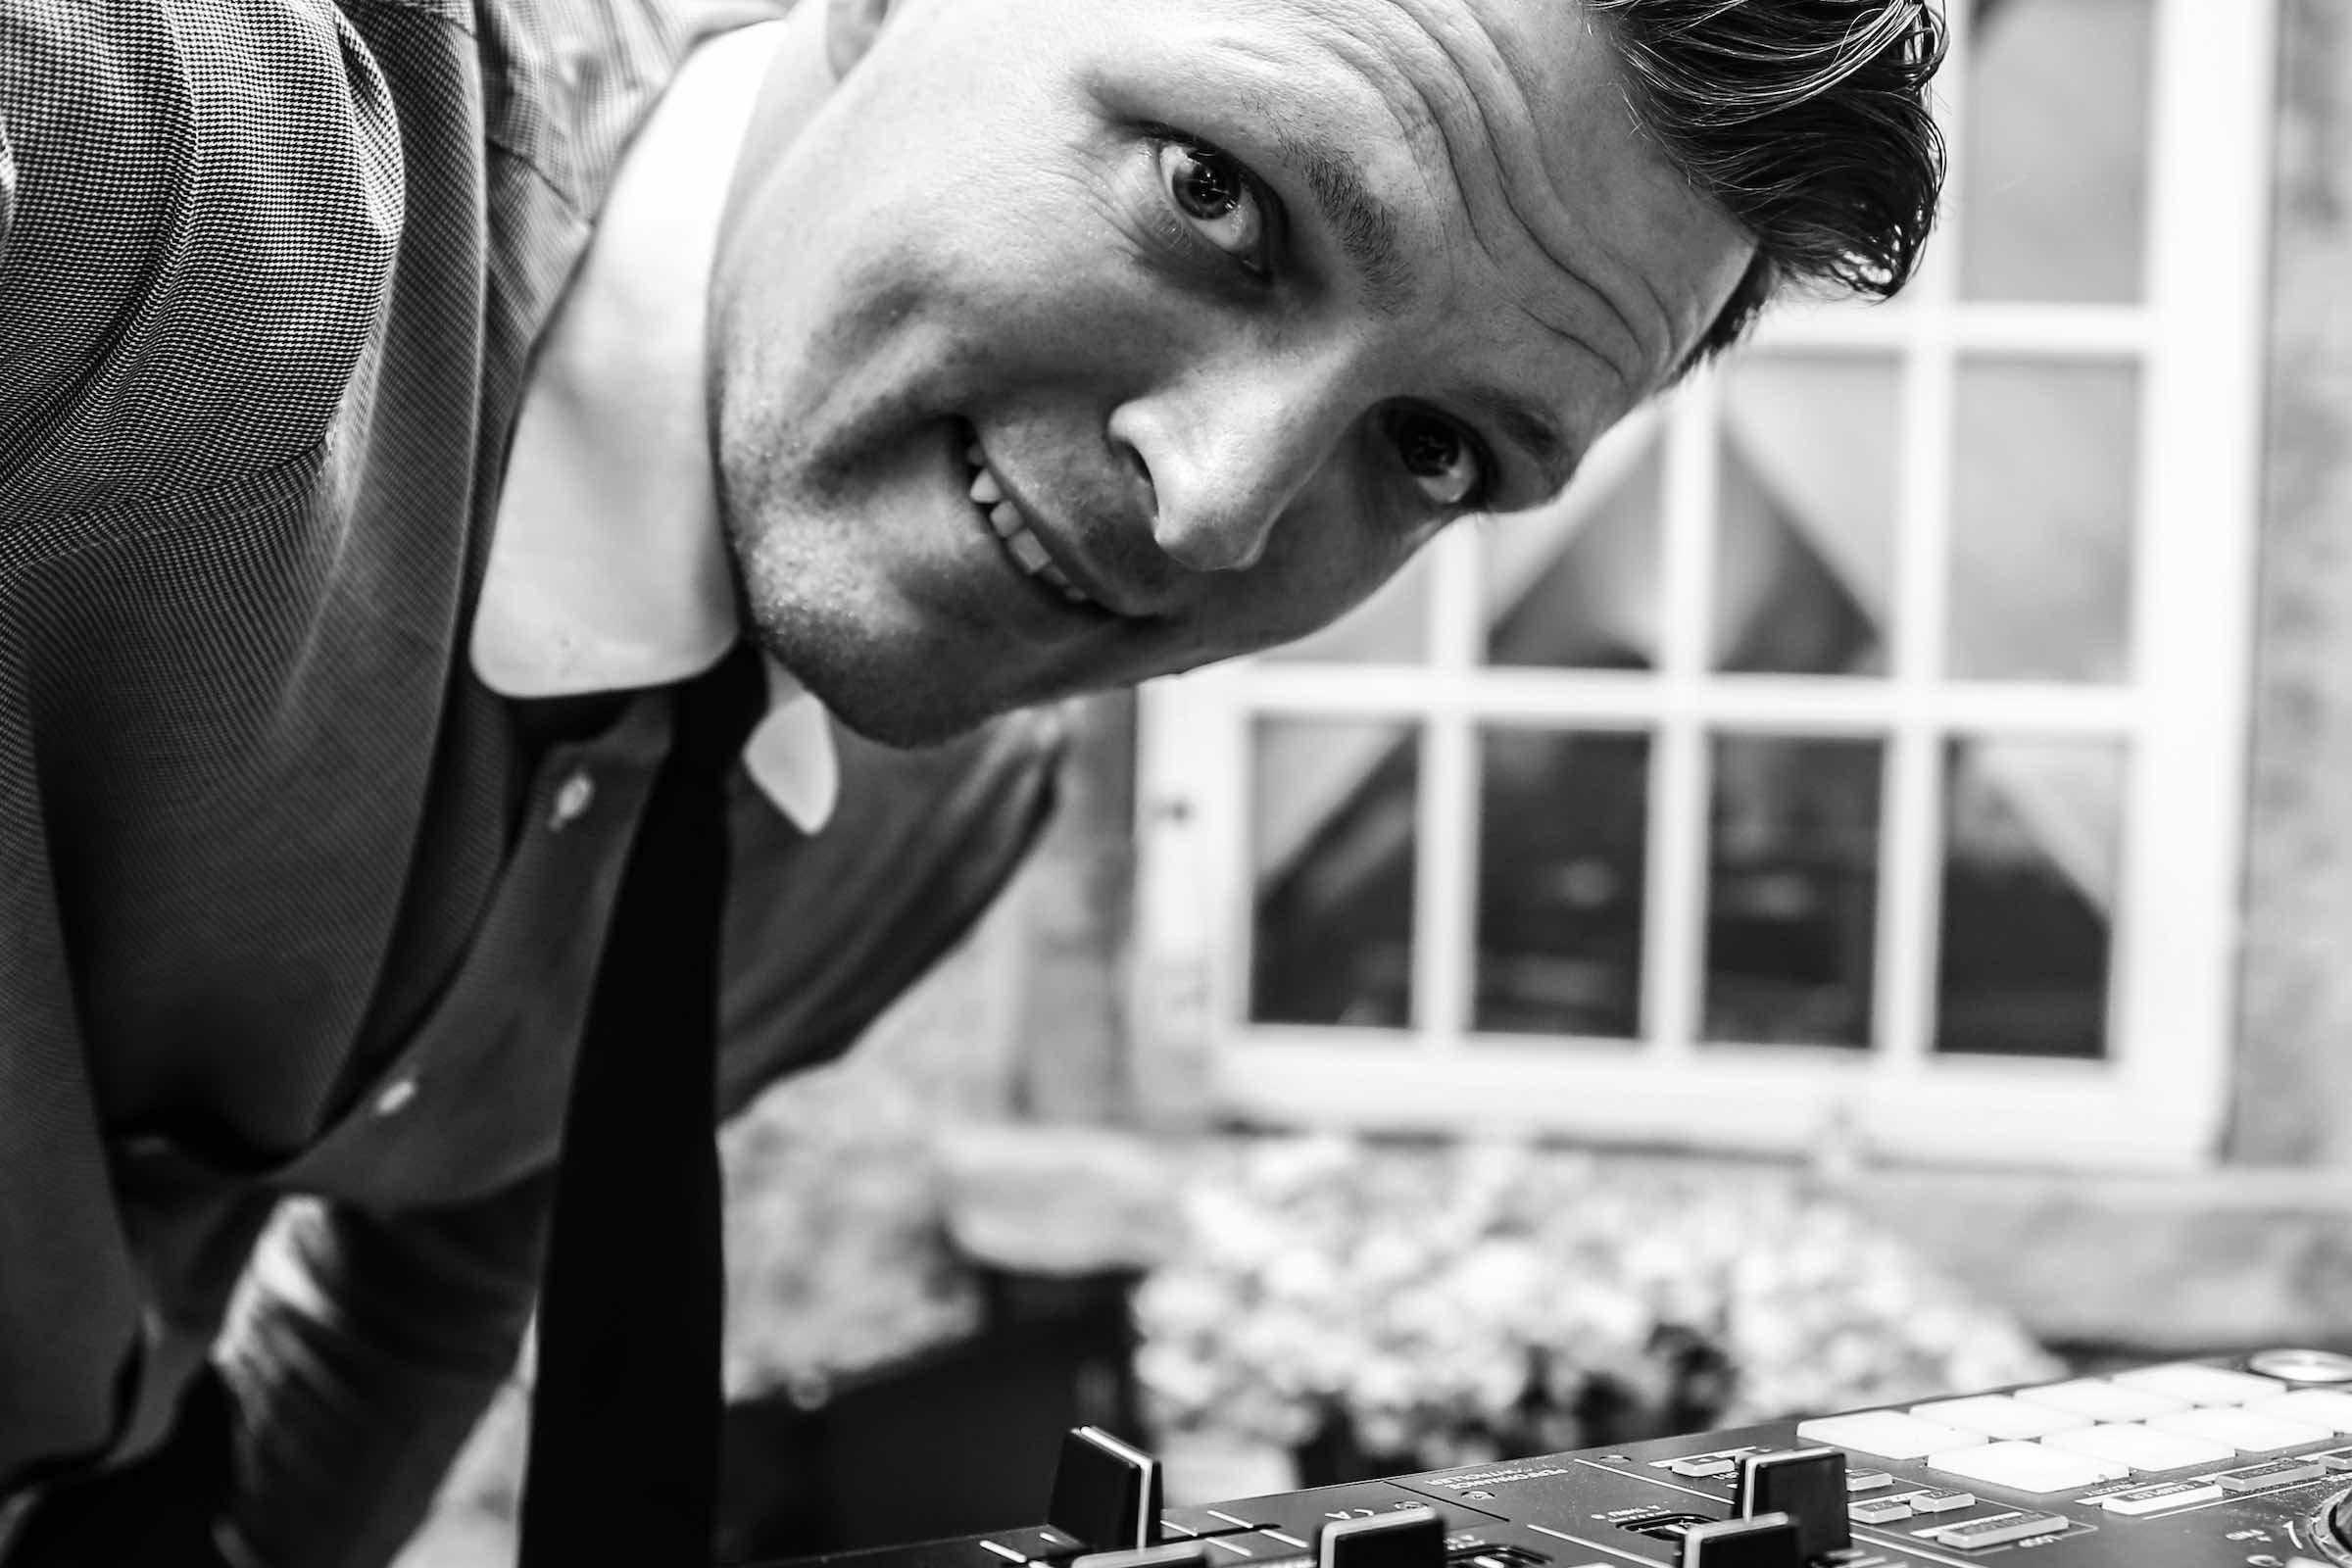 Schloss | Hammerstein | Apelern | Hochzeit | Geburtstag | Firmenfeier | Referenz | Location | DJ | Timm | Lehmann | DJ | Hannover | Hochzeitsplanung | DJ | Hochzeitsplaner | Lehmann | Eventservice